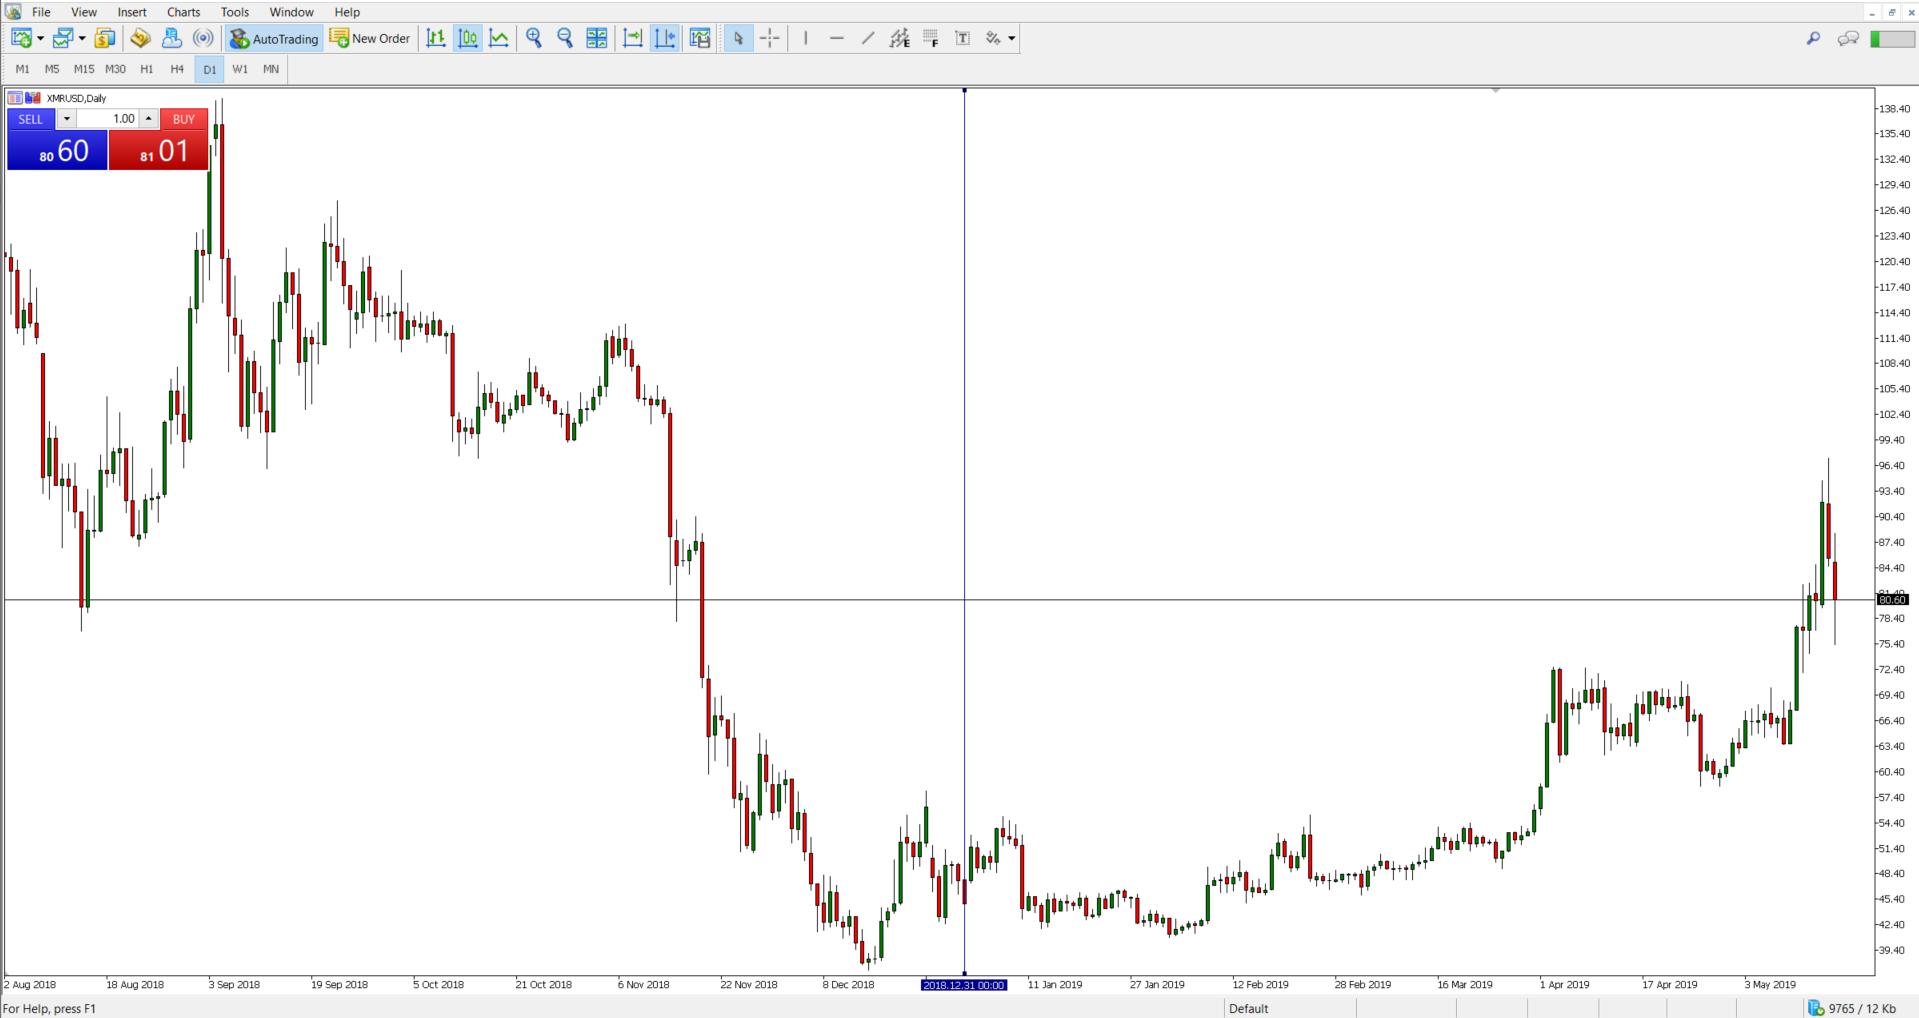 bitcoin cena šodienas diagrammā